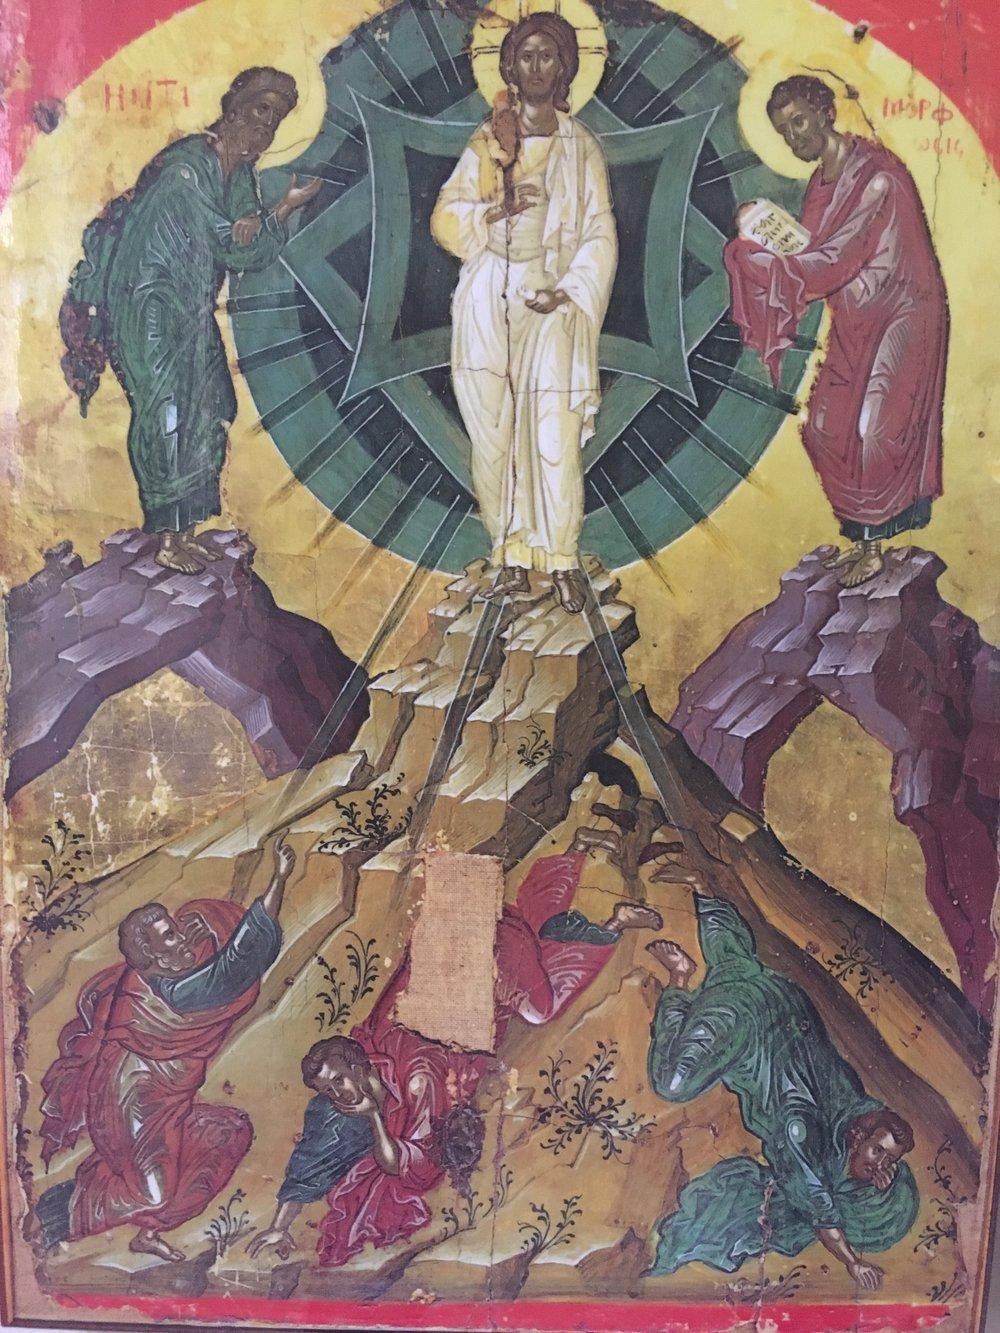 Transfiguration of the Saviour,Stavronikita Monastery, Athos, Greece, 16th Century